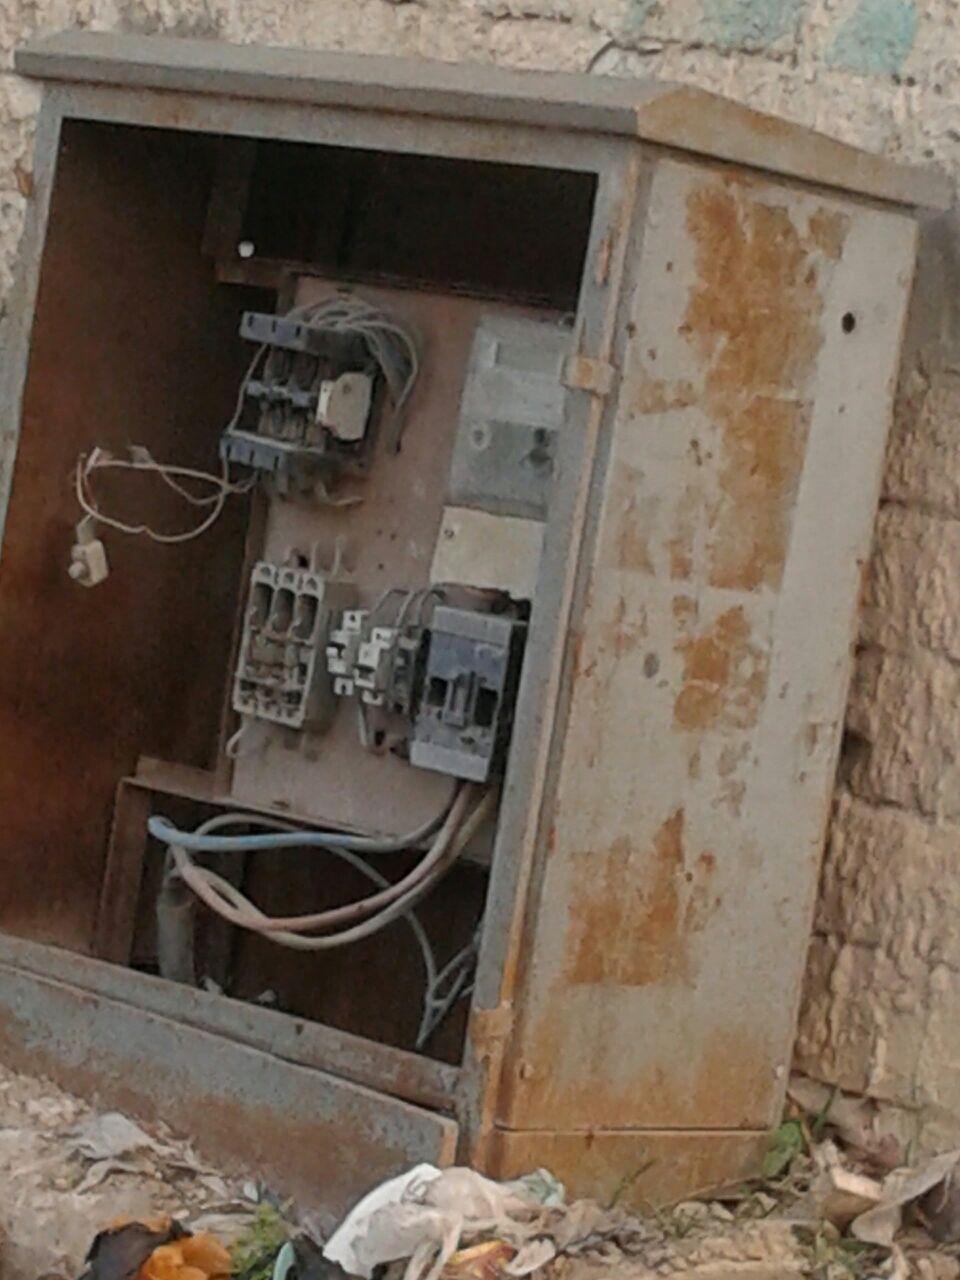 لوحات كهرباء مفتوحة تهدد حياة المواطنين